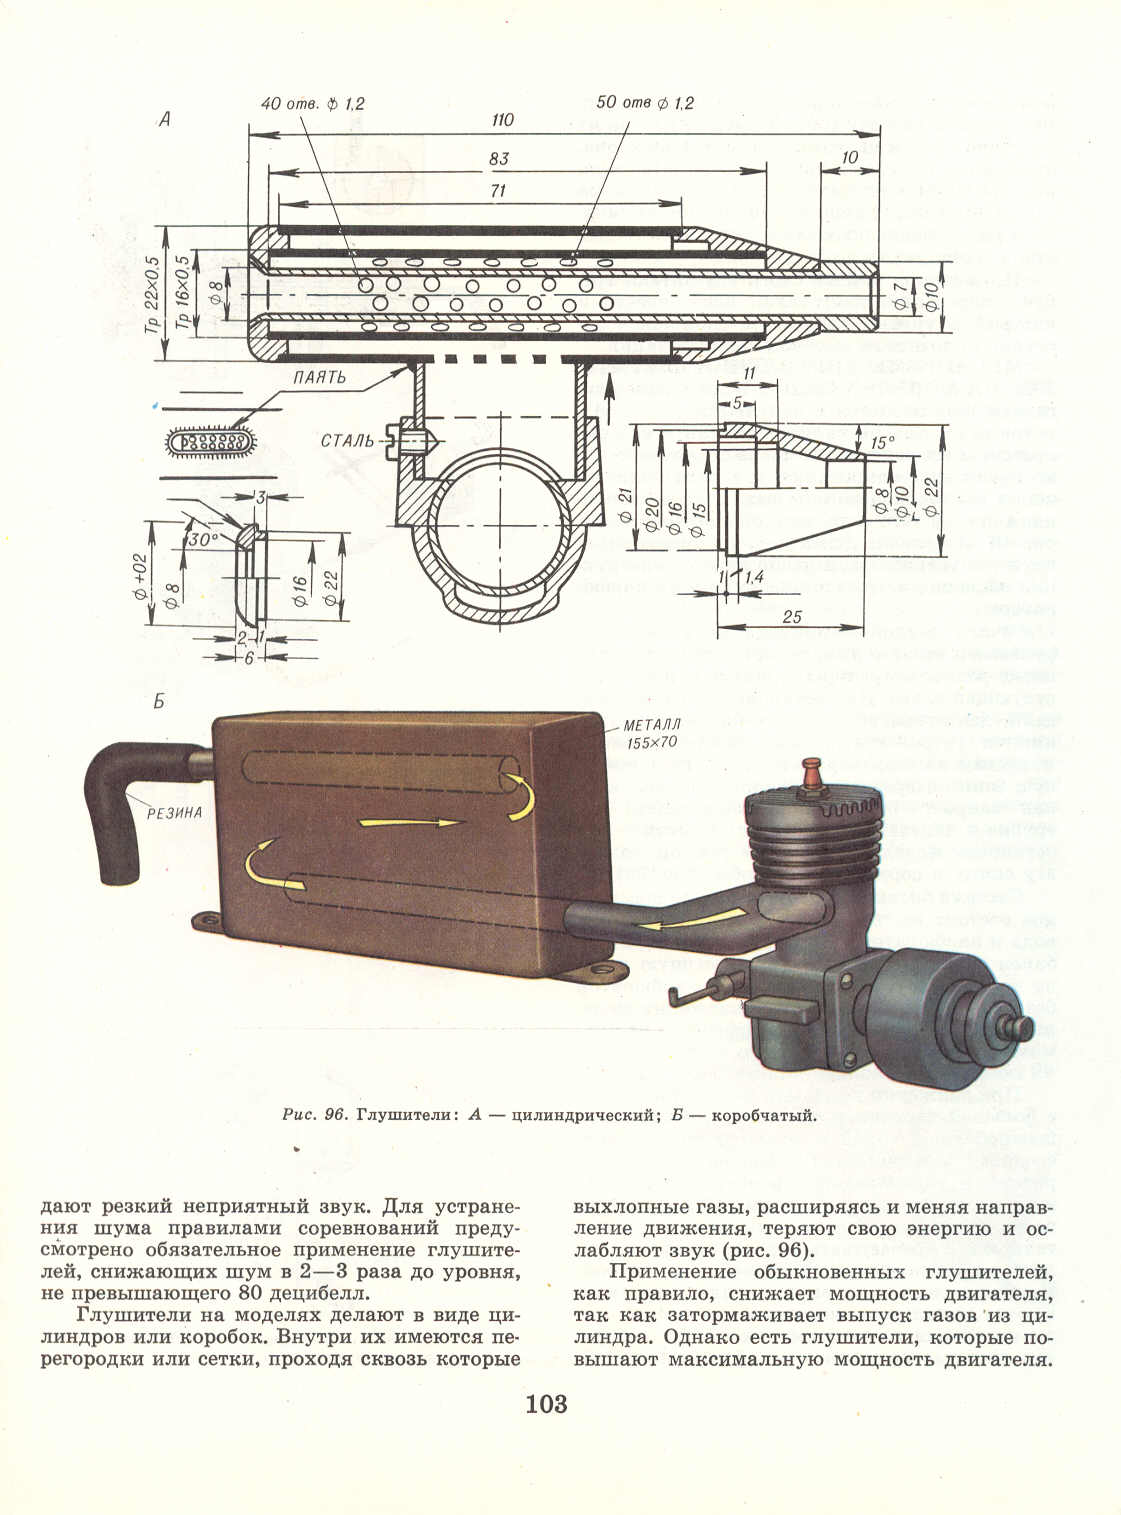 глушитель для 2х тактного лодочного двигателя своими руками